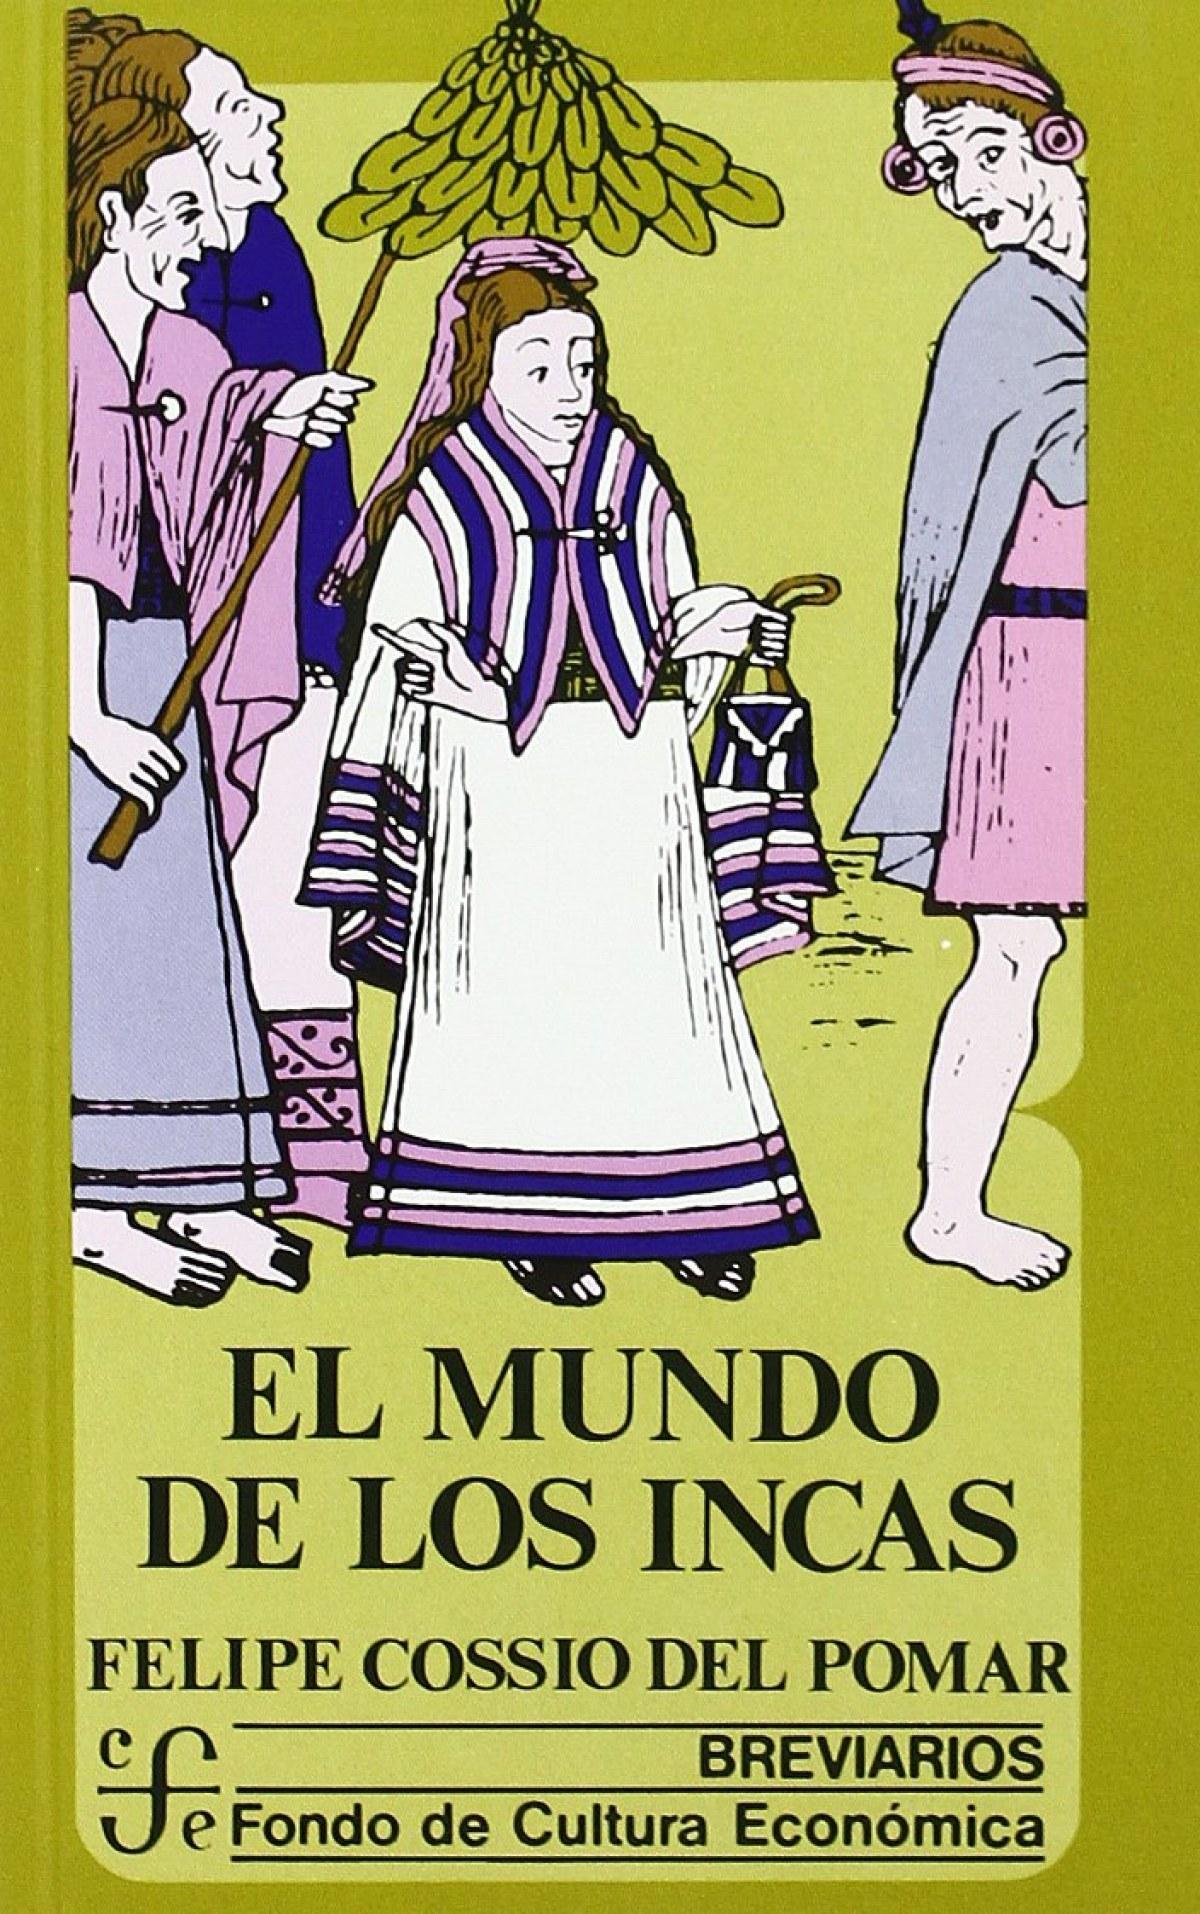 El mundo de los incas